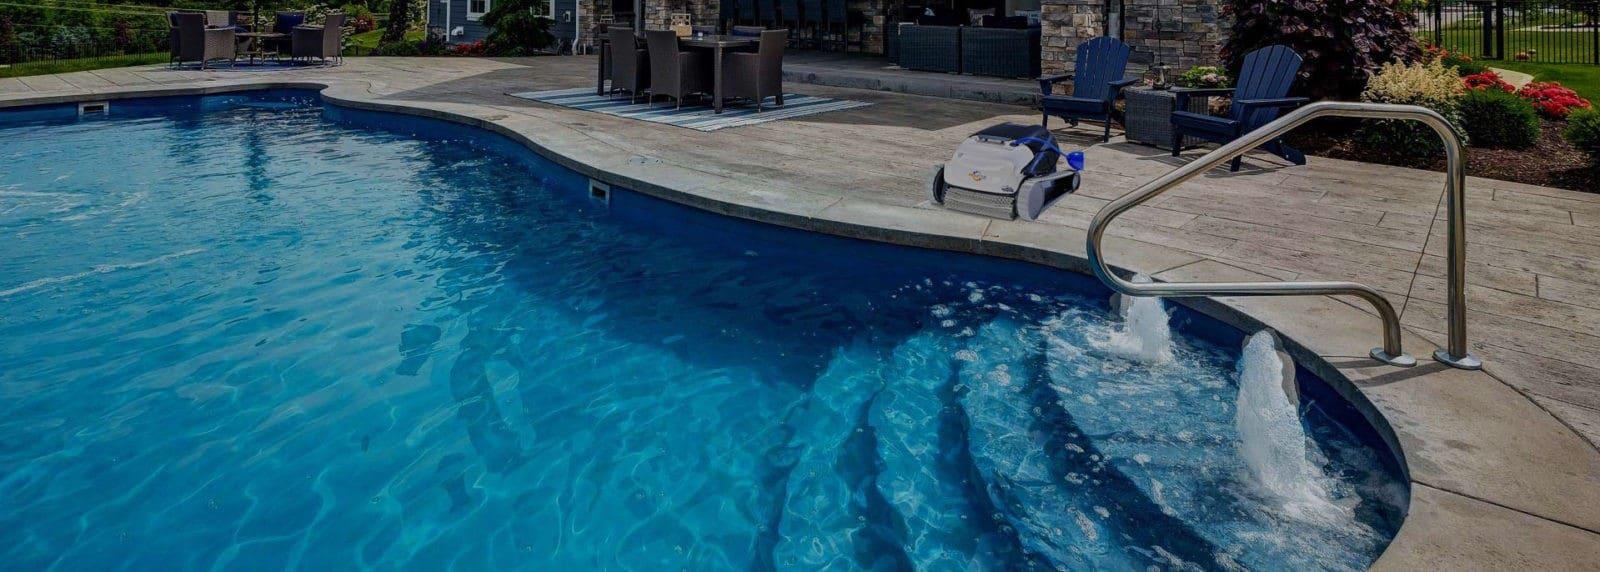 robot automatski čistač bazena